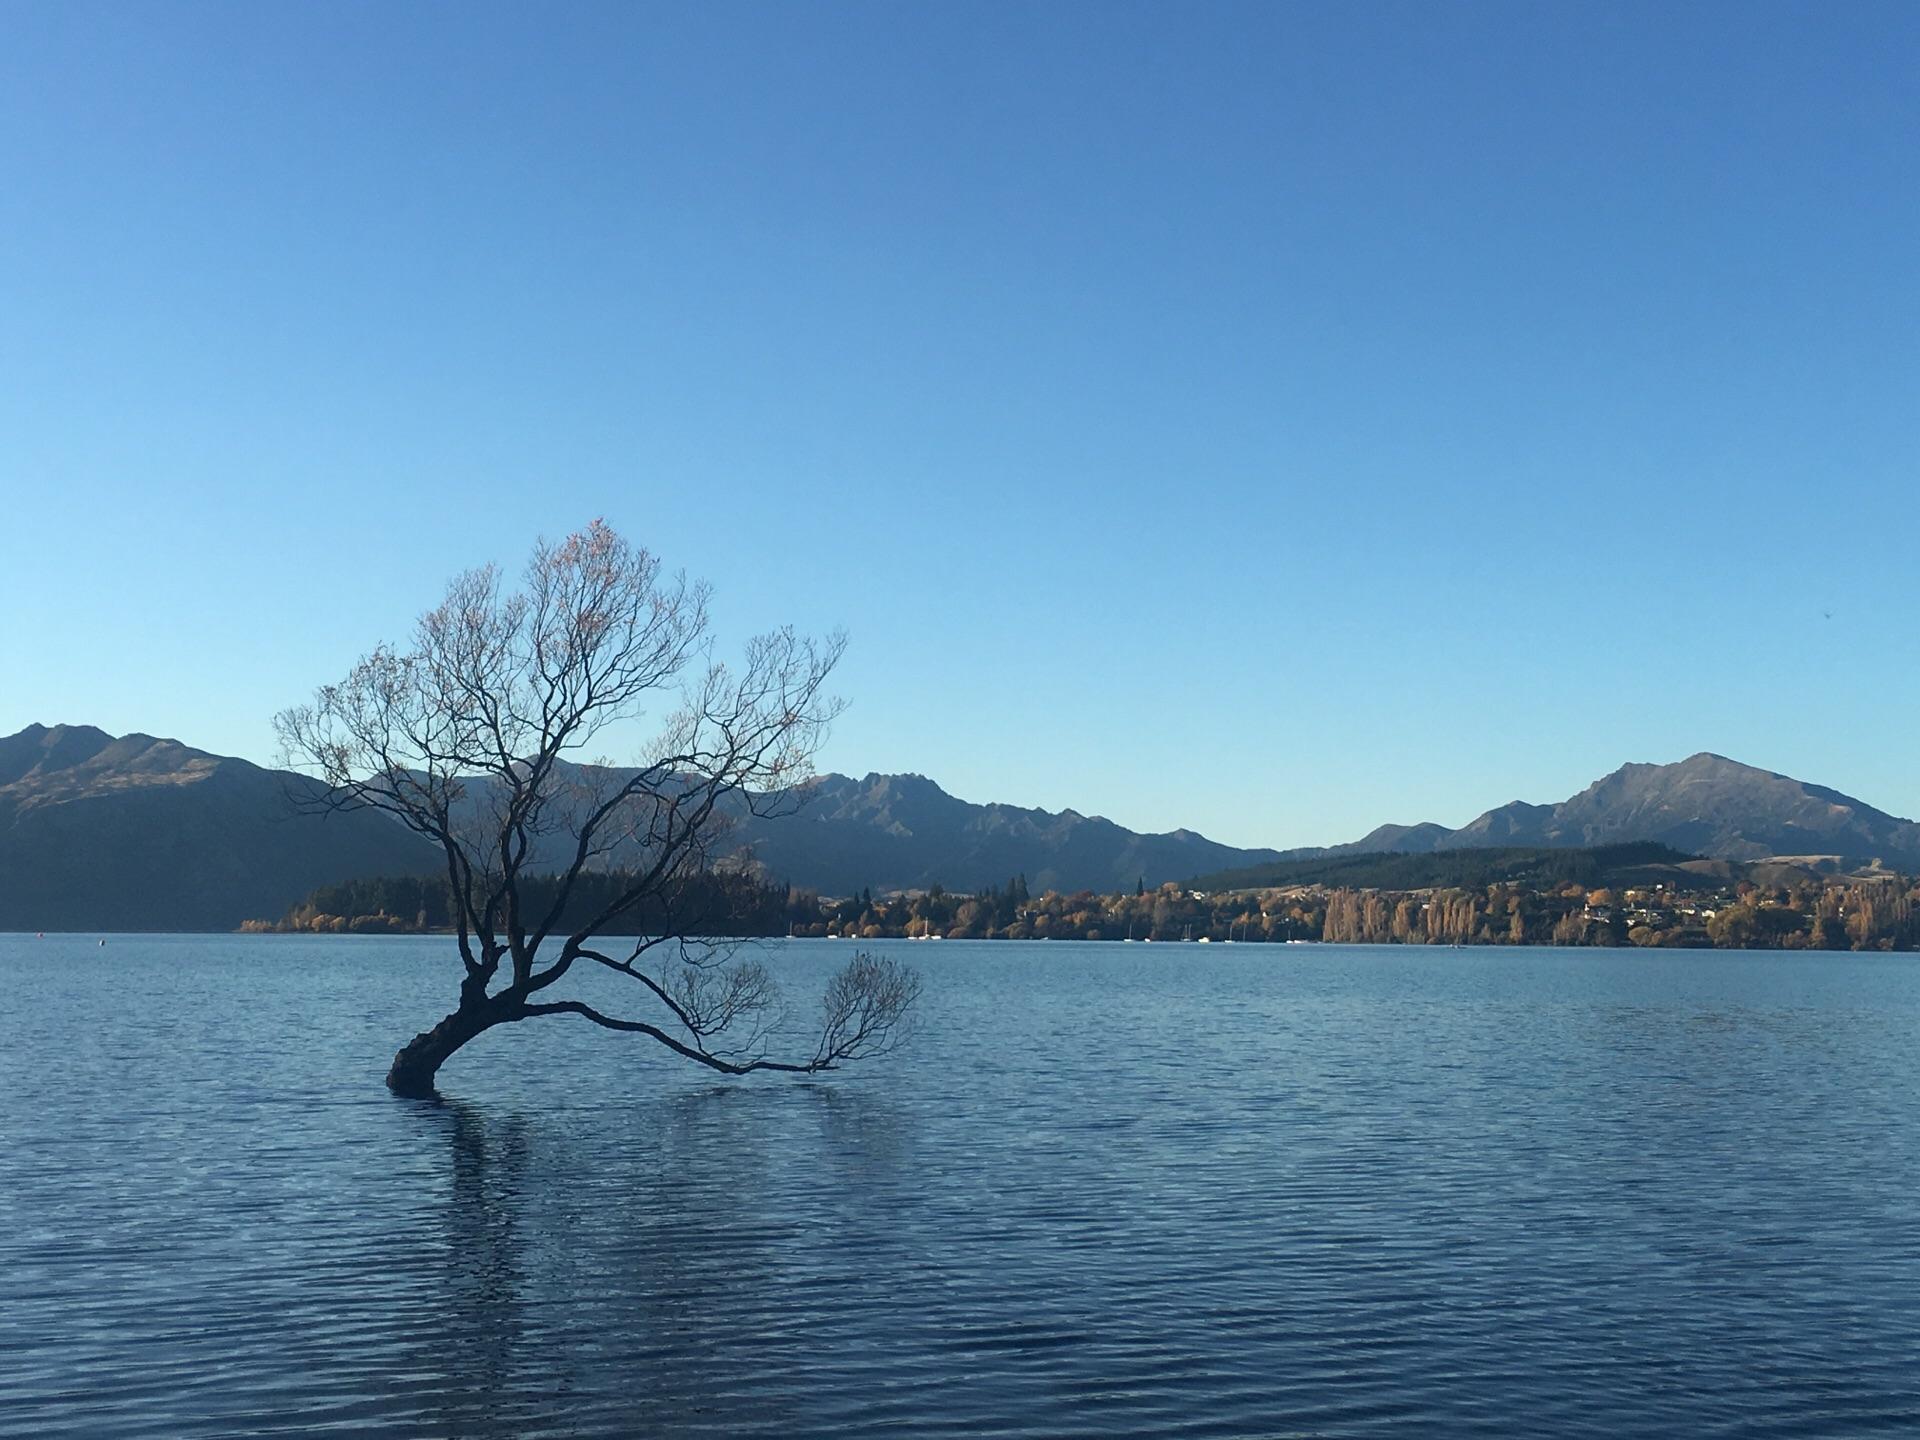 孤独的瓦纳卡之树